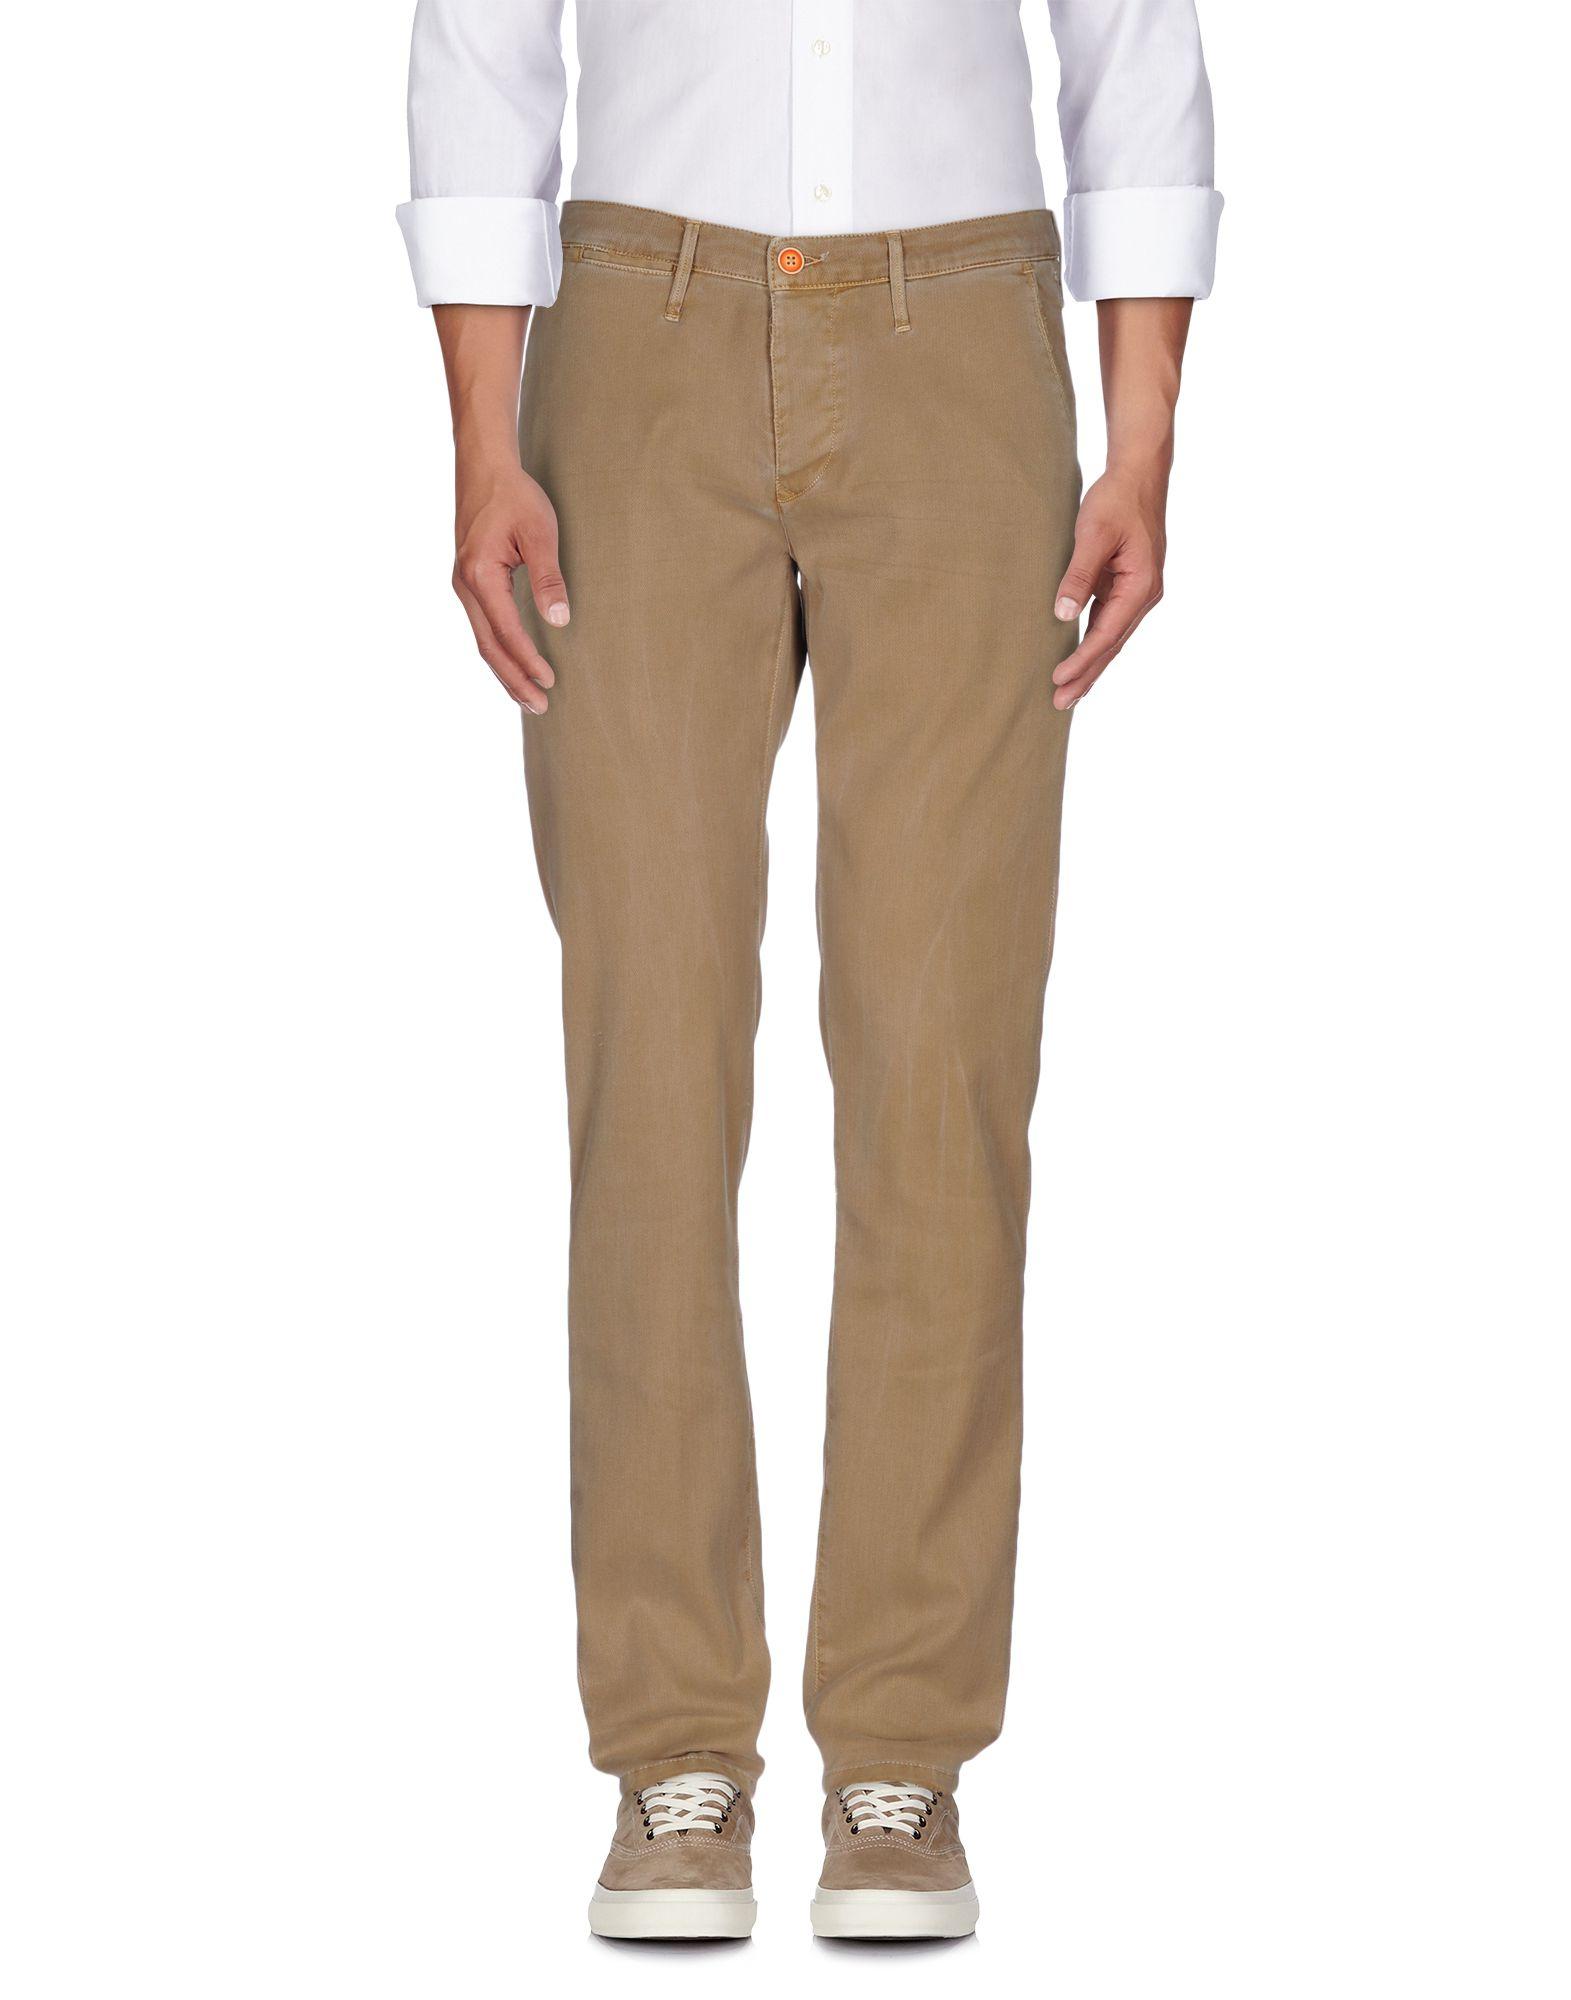 0/ZERO CONSTRUCTION Повседневные брюки construction